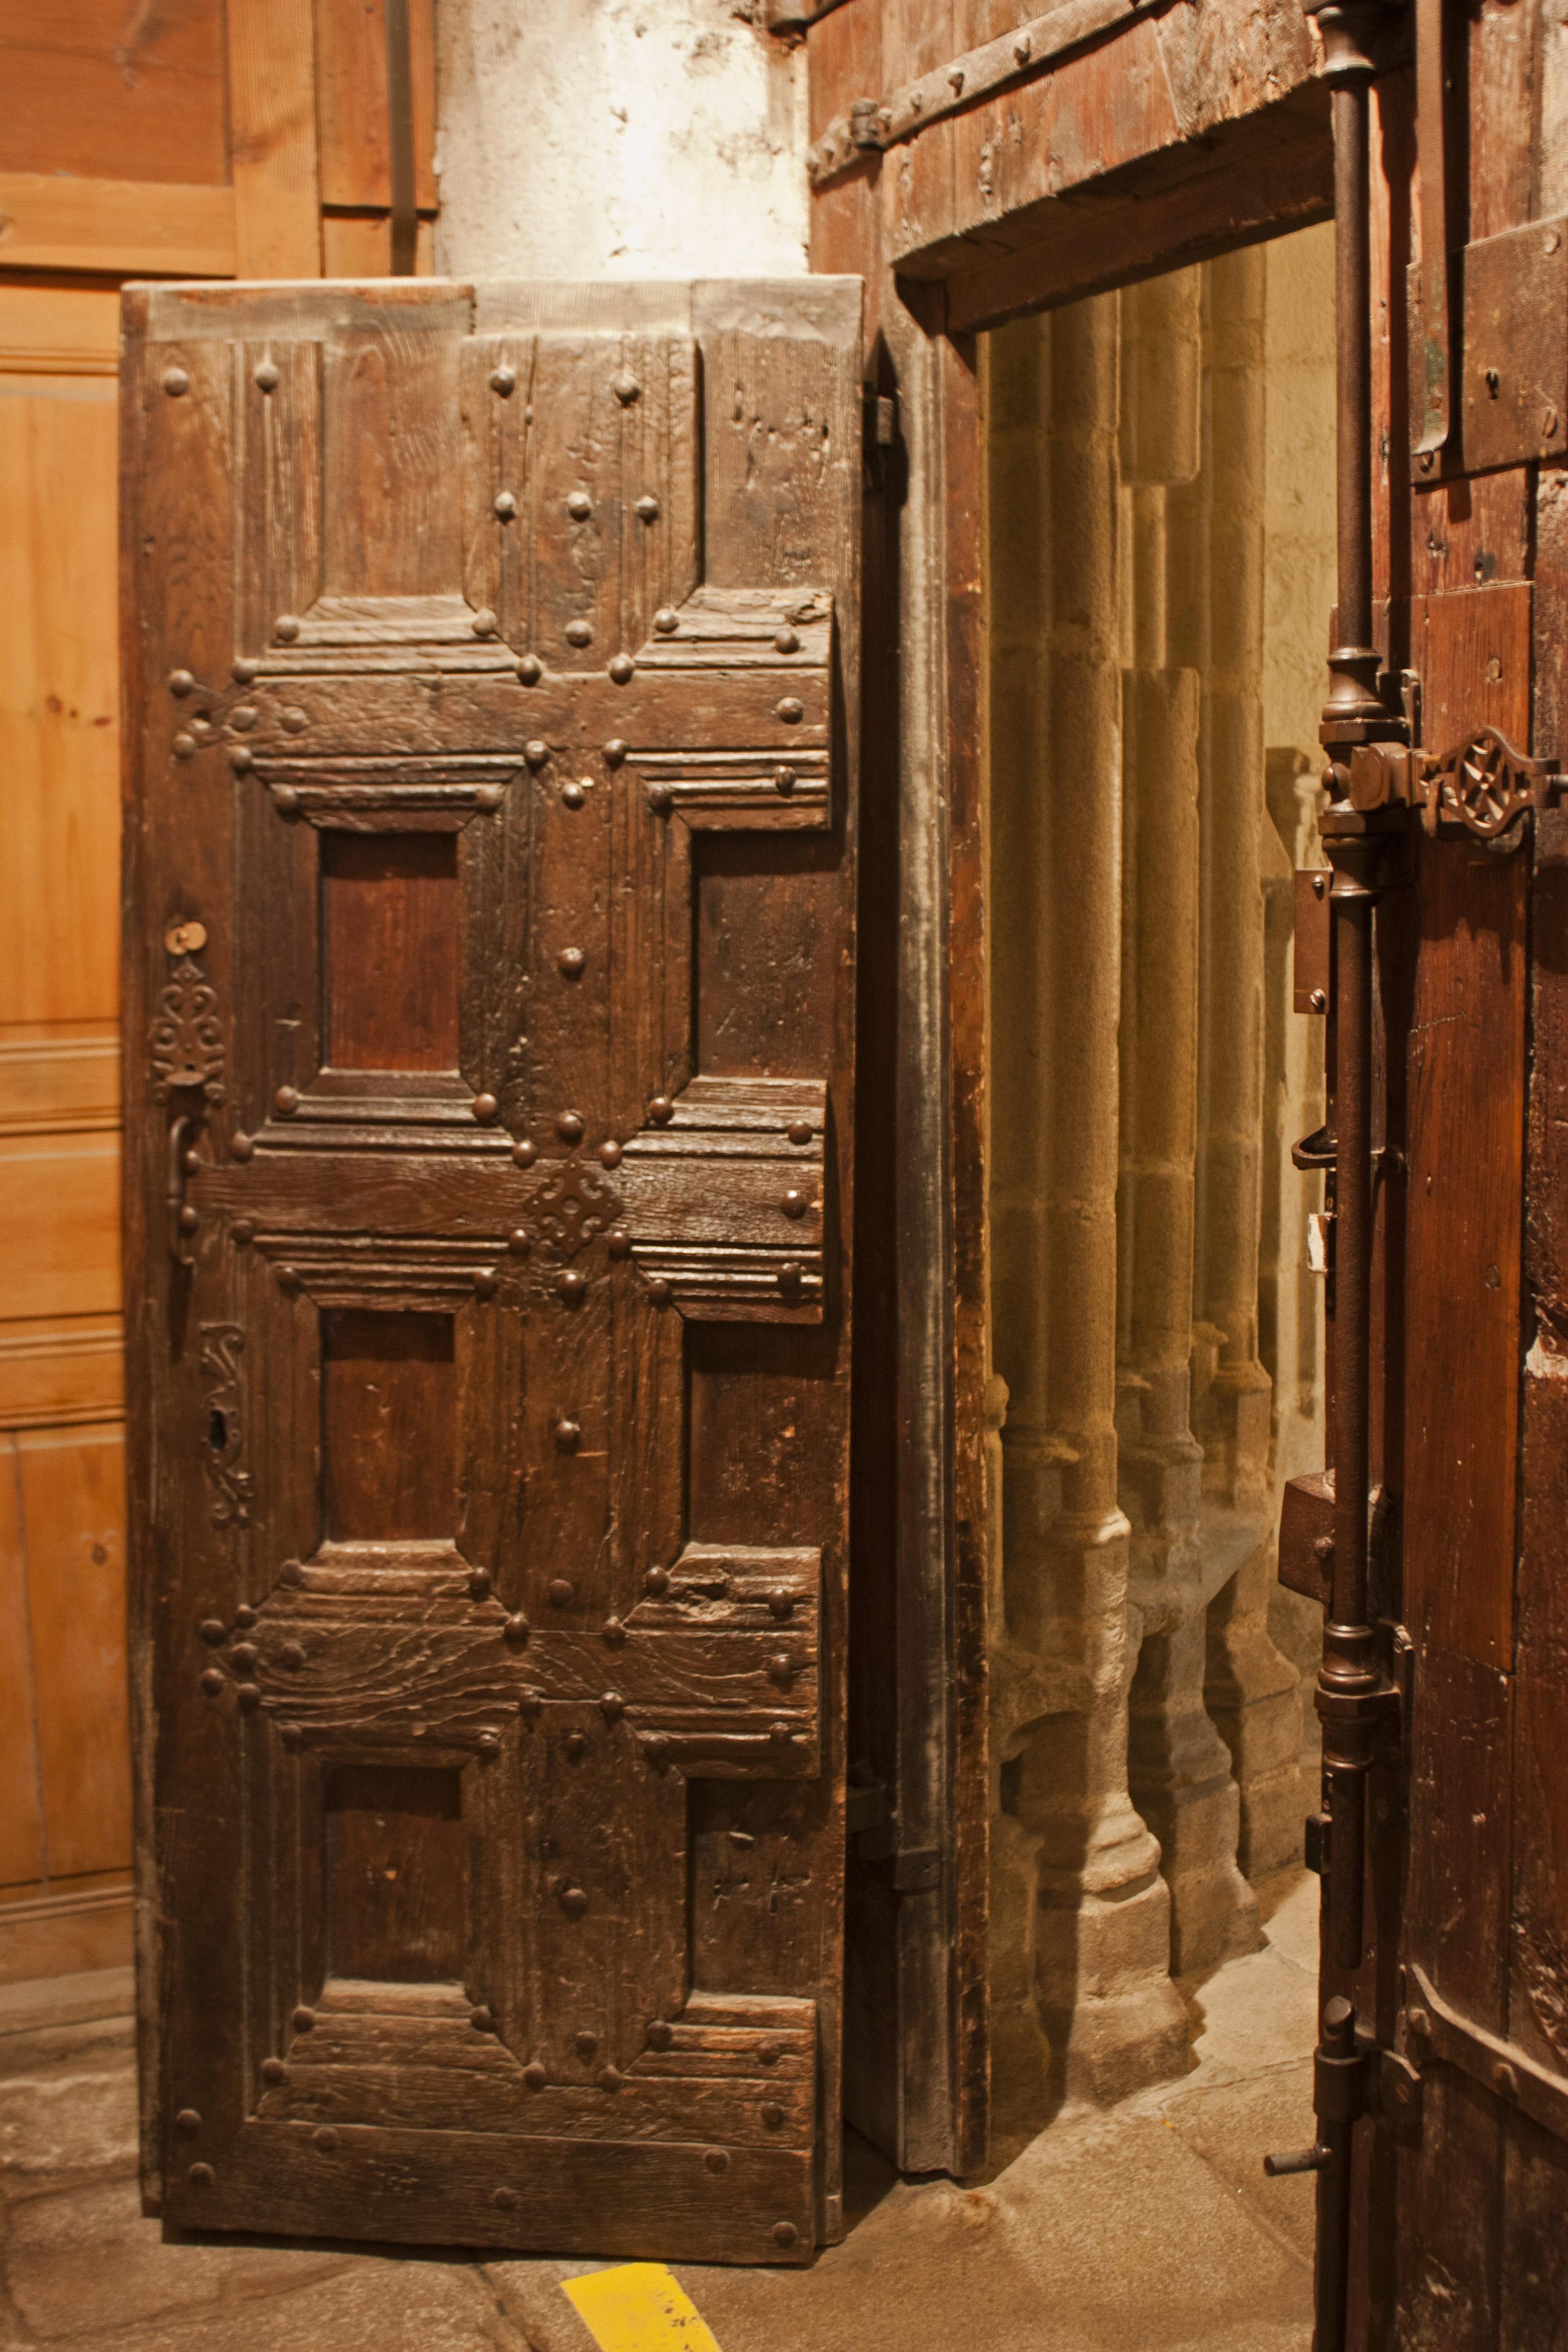 file abbaye saint robert de la chaise dieu vantail de la porte d 39 entr e. Black Bedroom Furniture Sets. Home Design Ideas